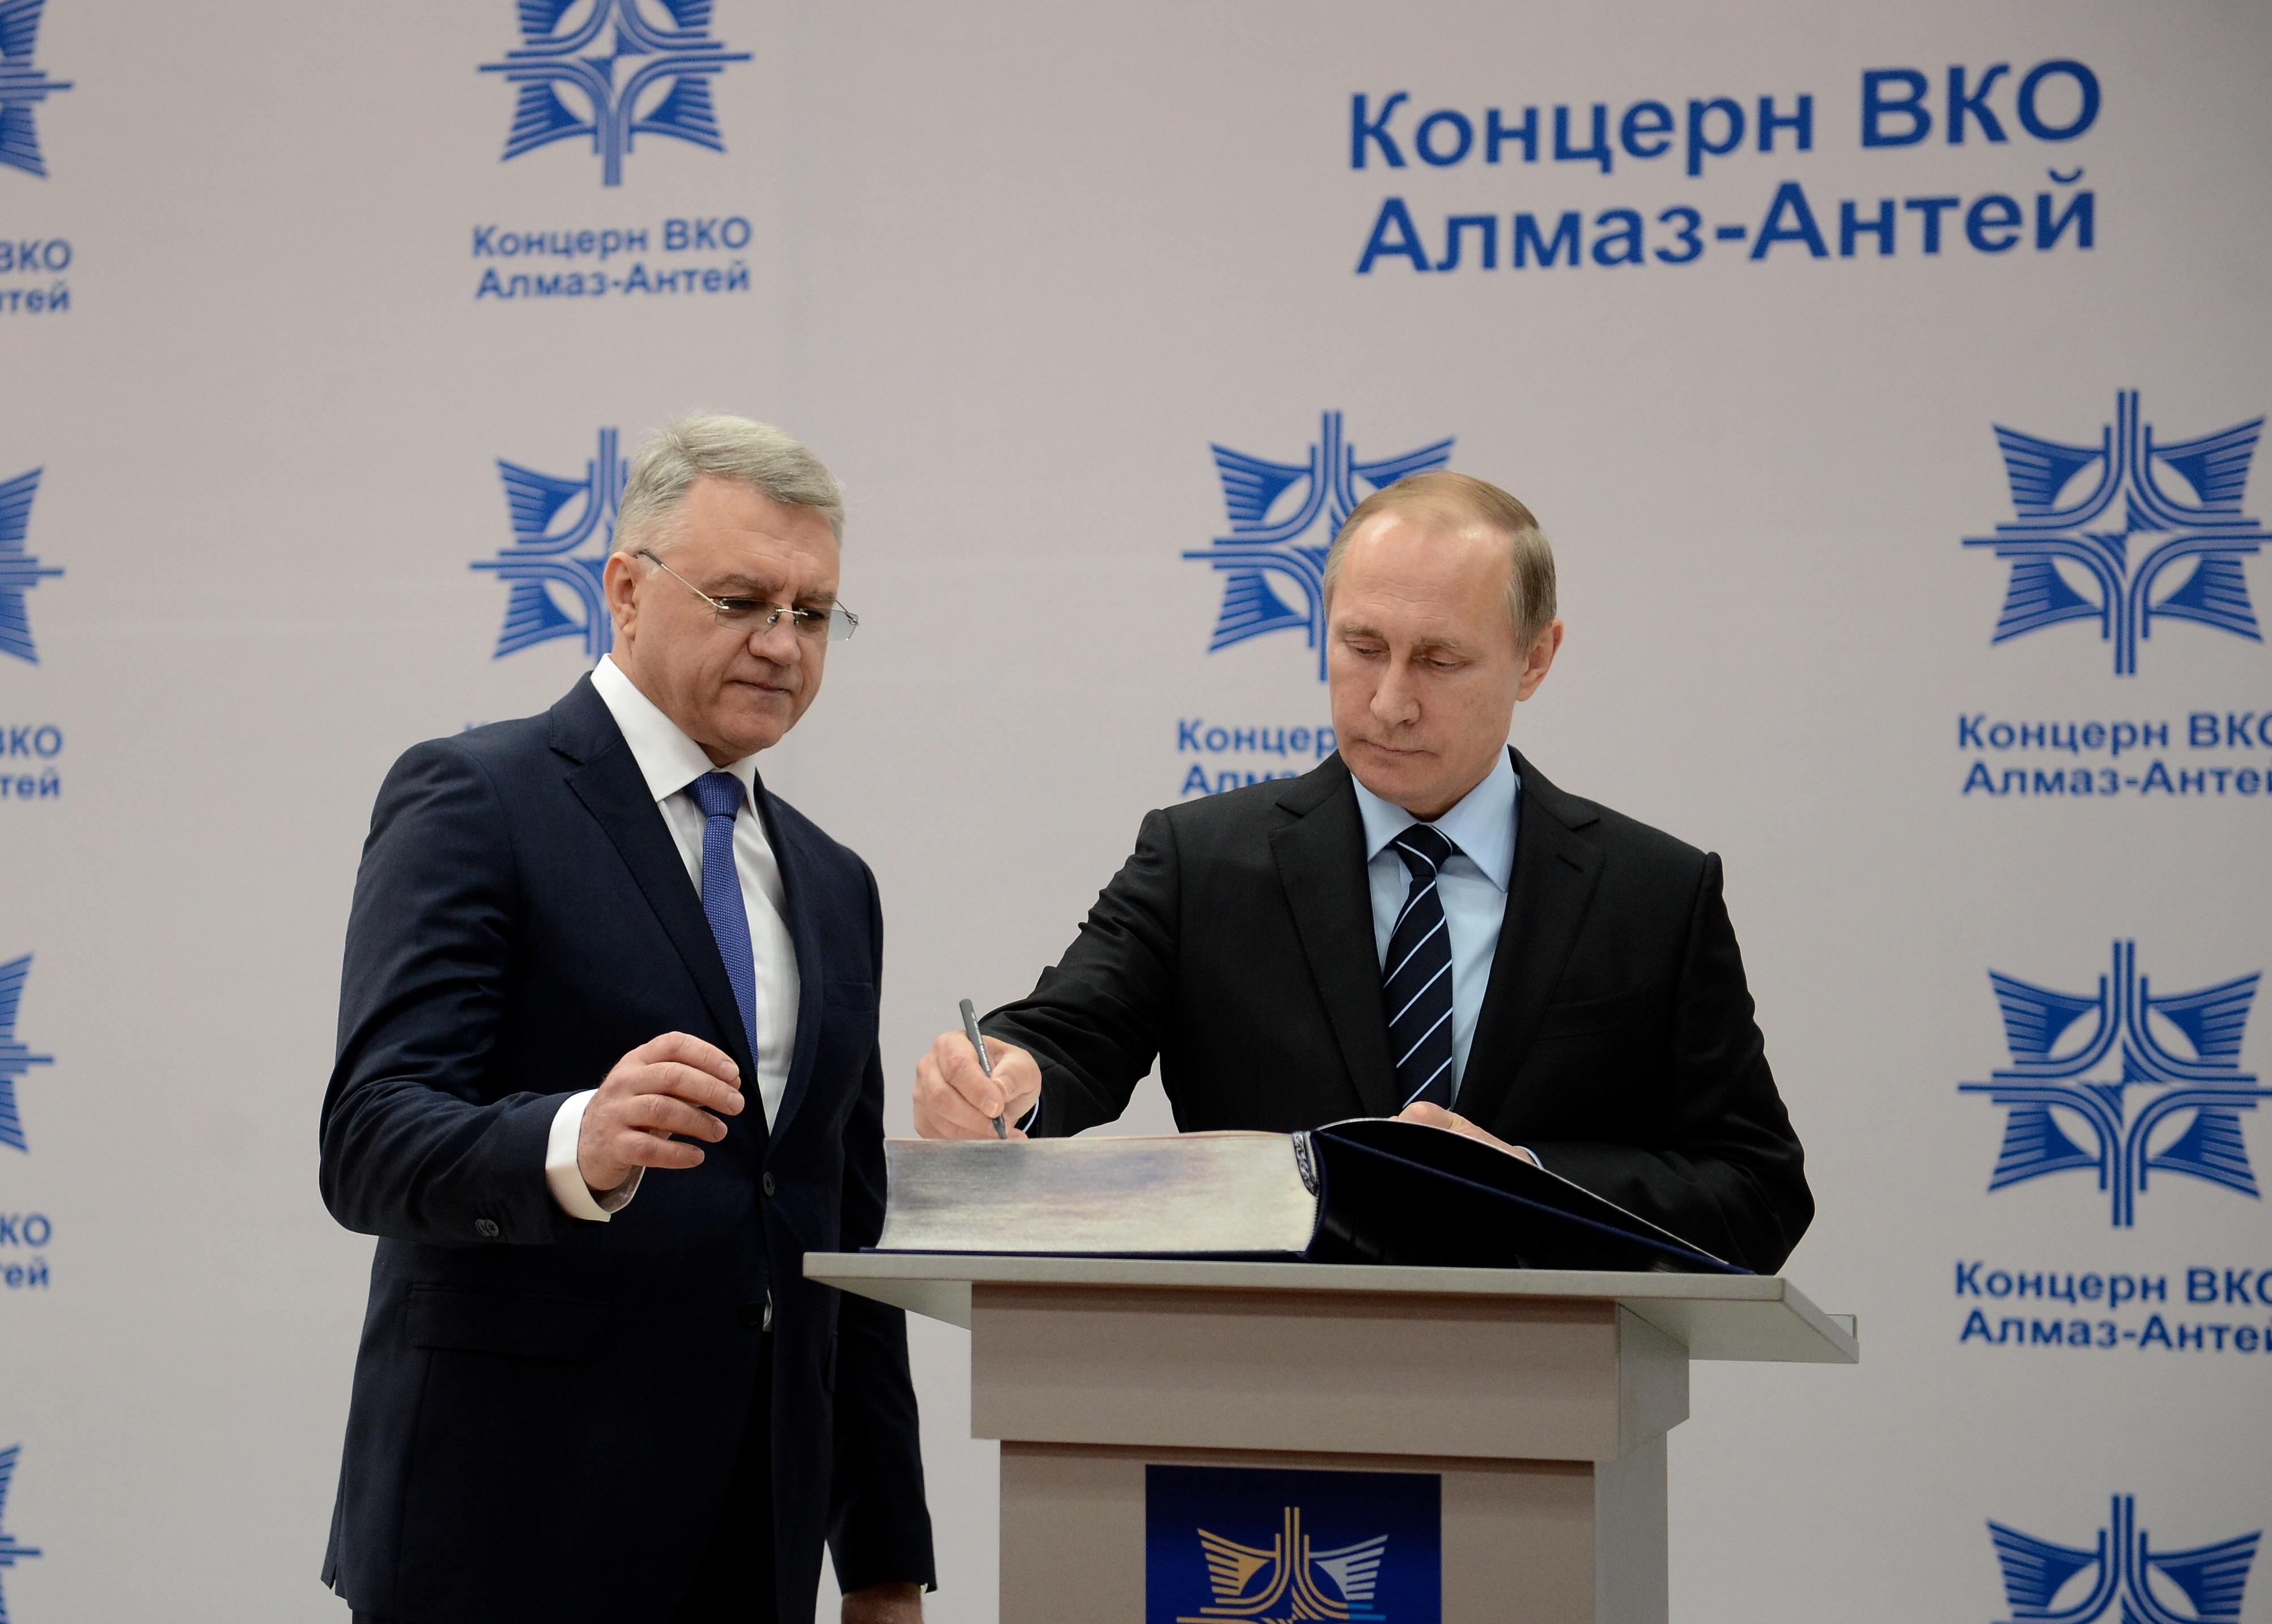 Президент Путин объявил благодарность коллективу Концерна «Алмаз-Антей»